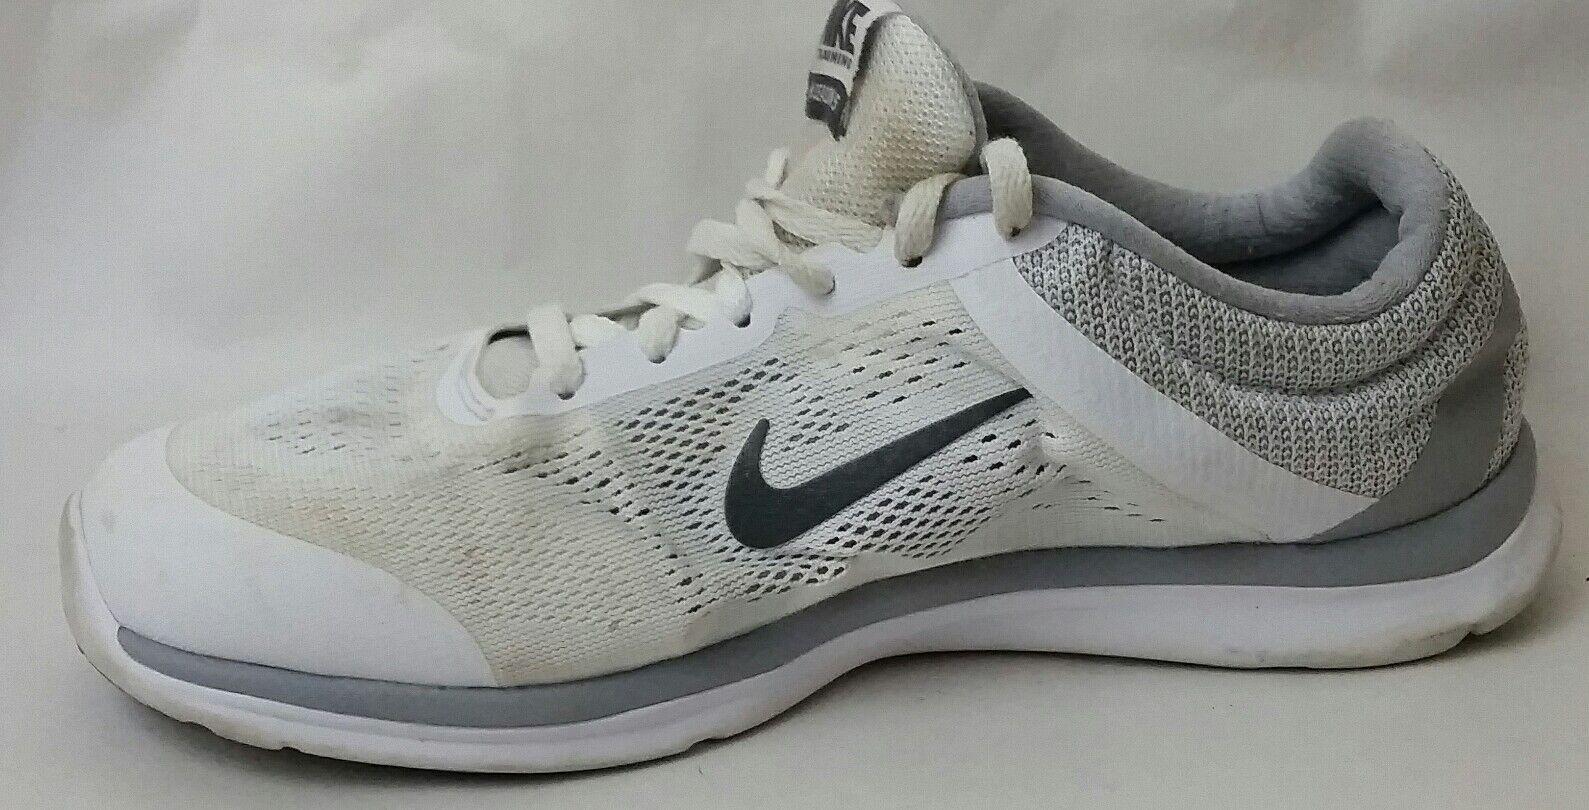 quality design 10c7b d12e5 ... nike en saison tr 5 wo 7 m des chaussures de basket 807333 100 de  lumière ...